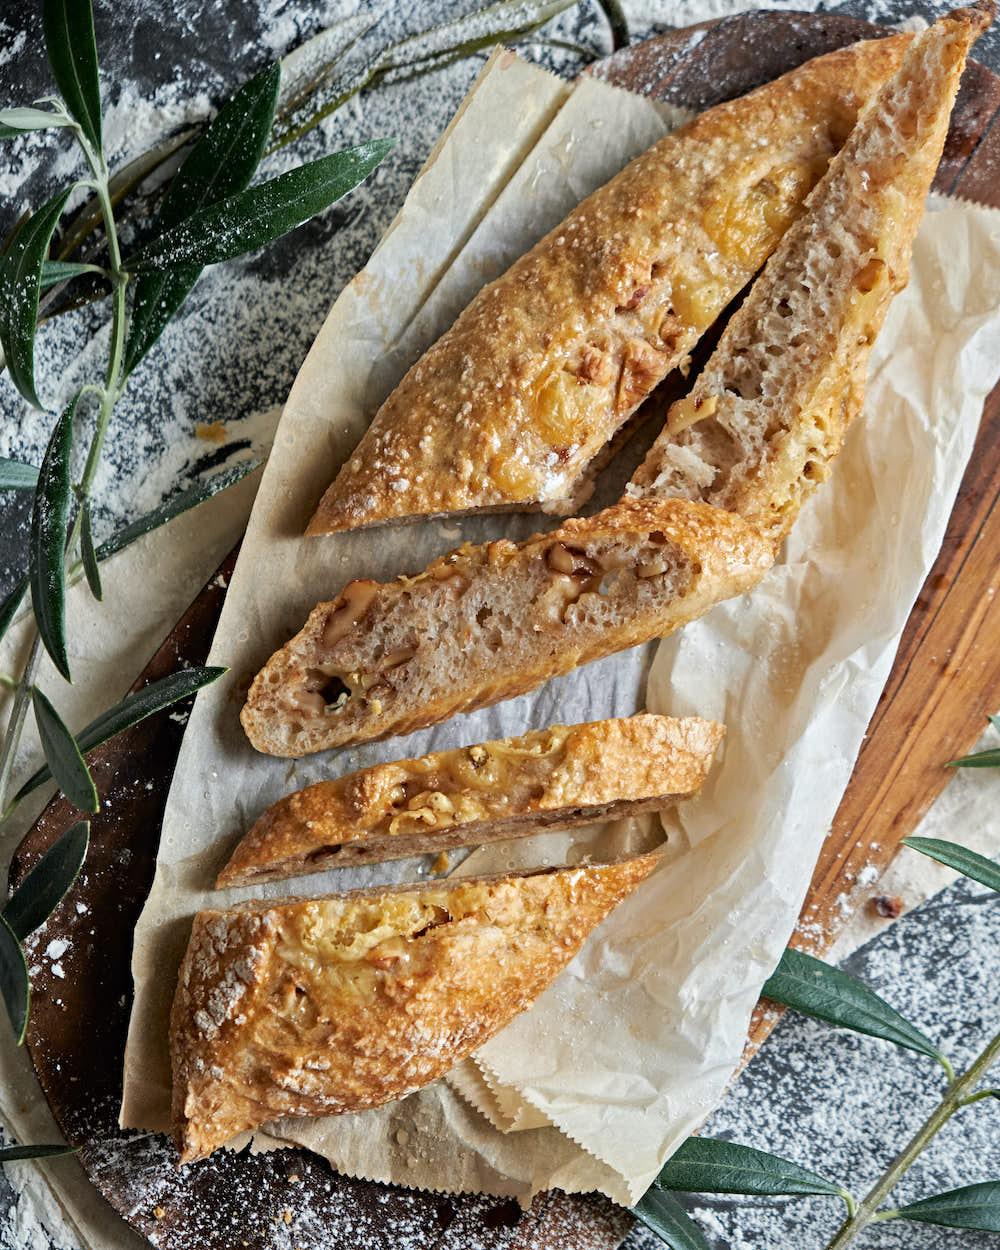 捏ねないオーバーナイトブレッドで、ブルーチーズとクルミのパン